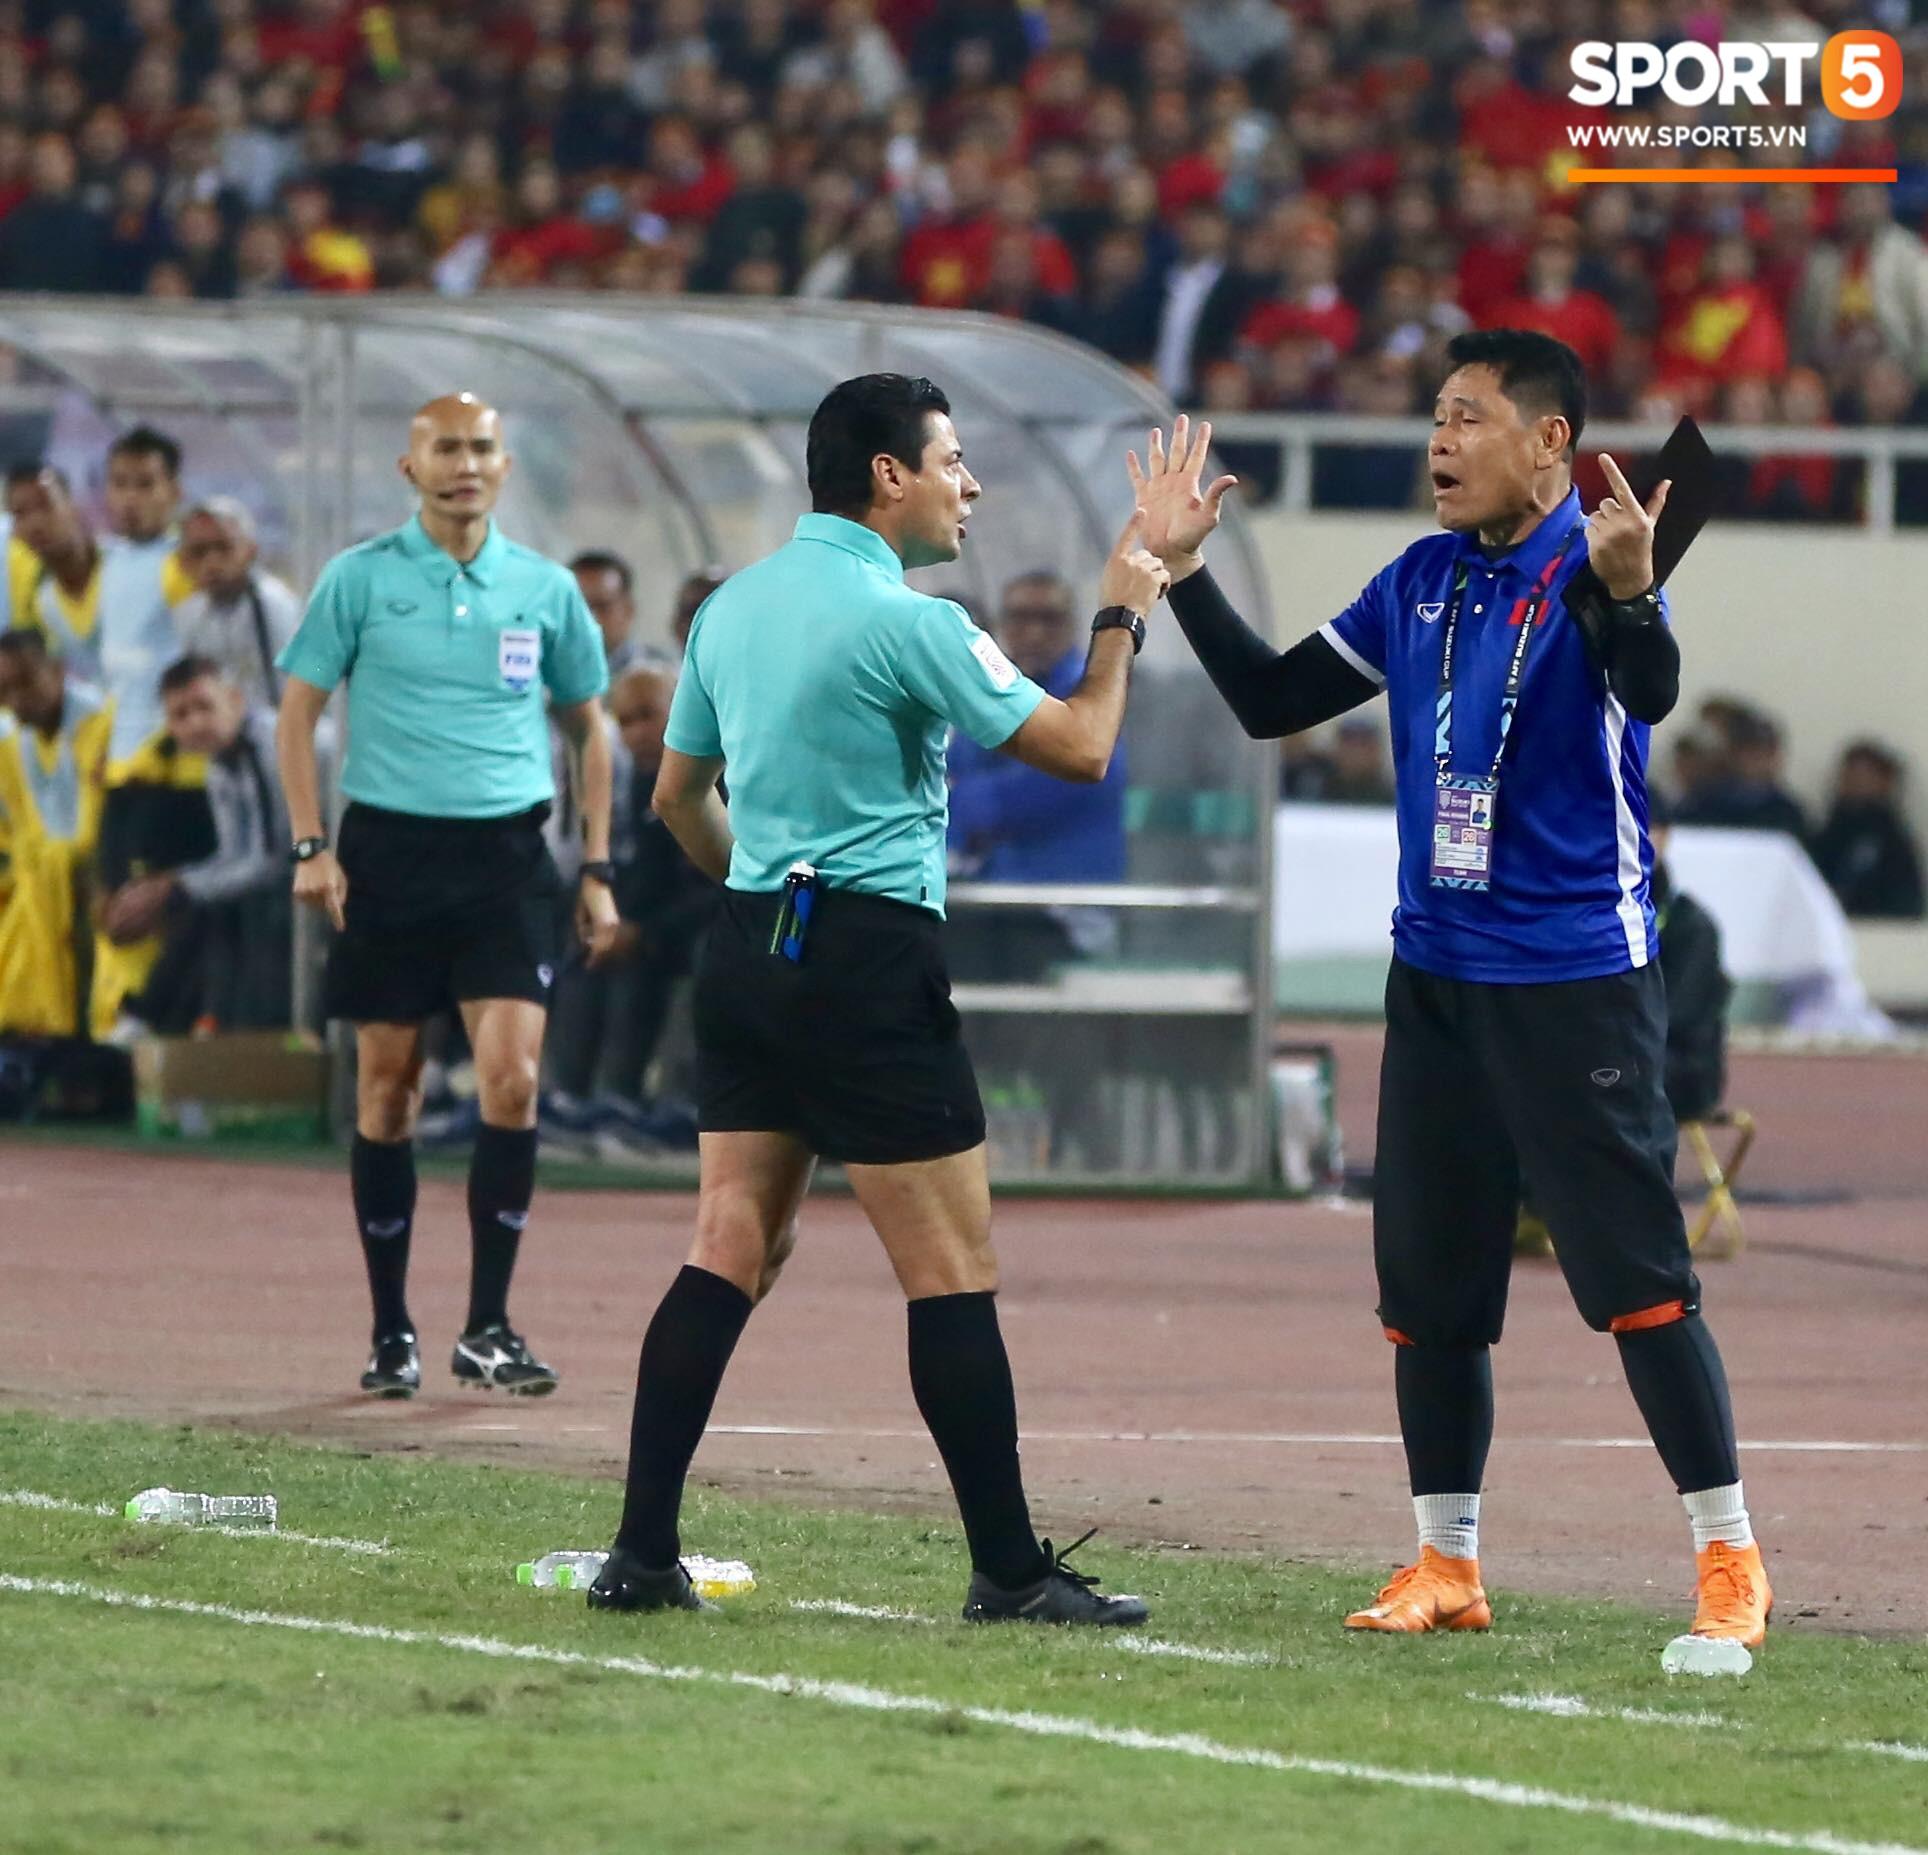 Trọng tài đẳng cấp World Cup gây bức xúc vì liên tục rút thẻ vàng cho cầu thủ Việt Nam-1